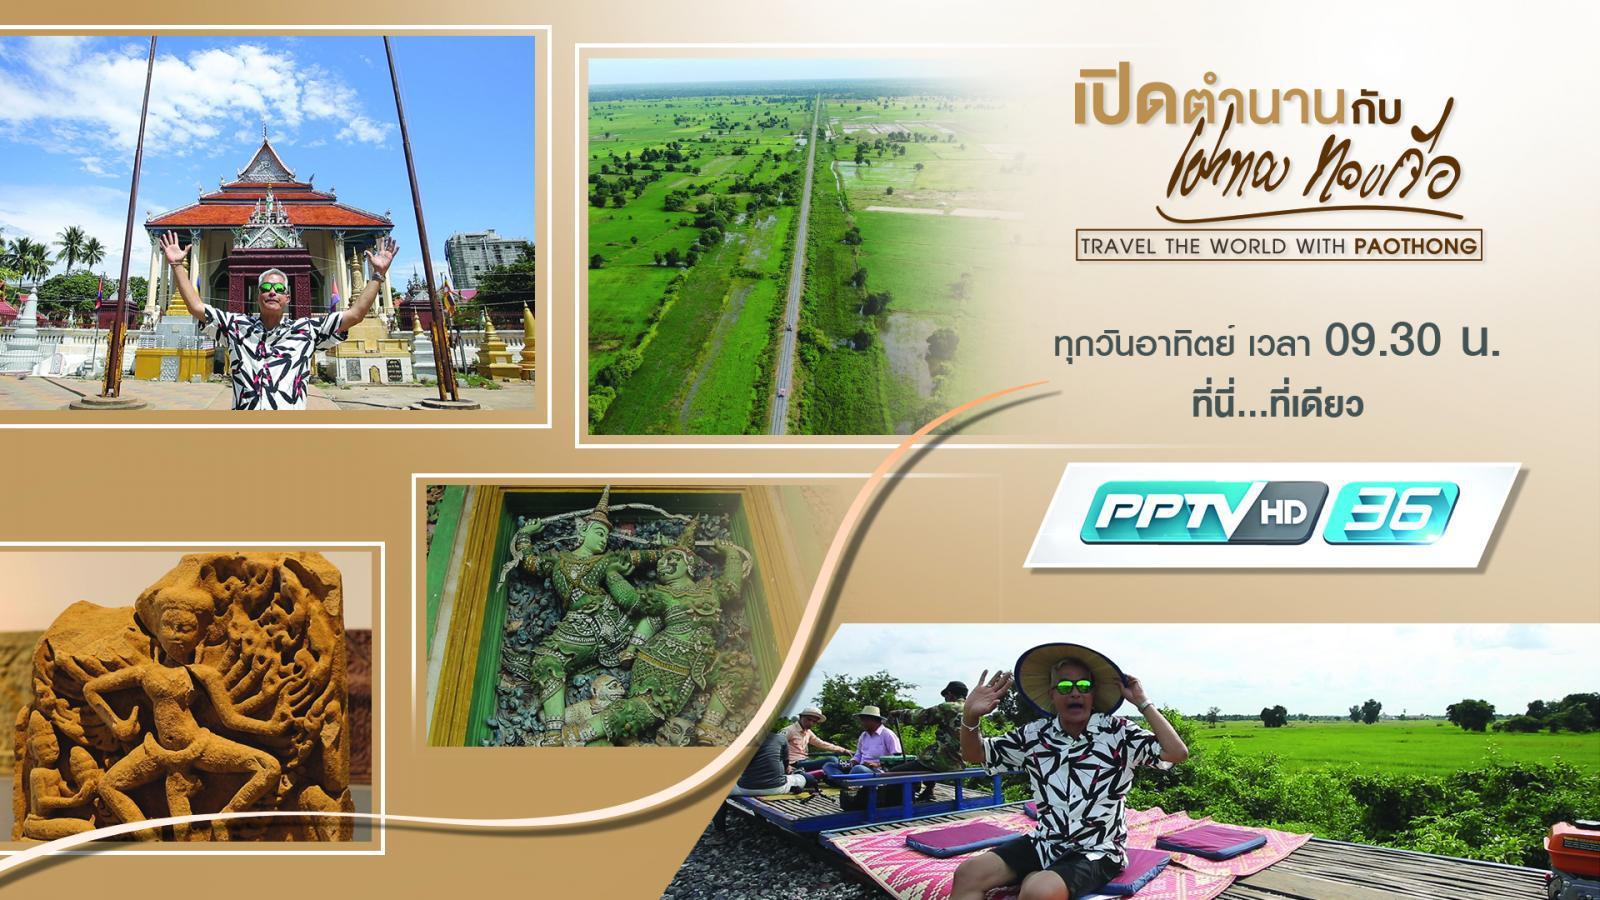 มหาสมบัติโบราณคดีแห่งเมืองพระตะบอง ประเทศกัมพูชา